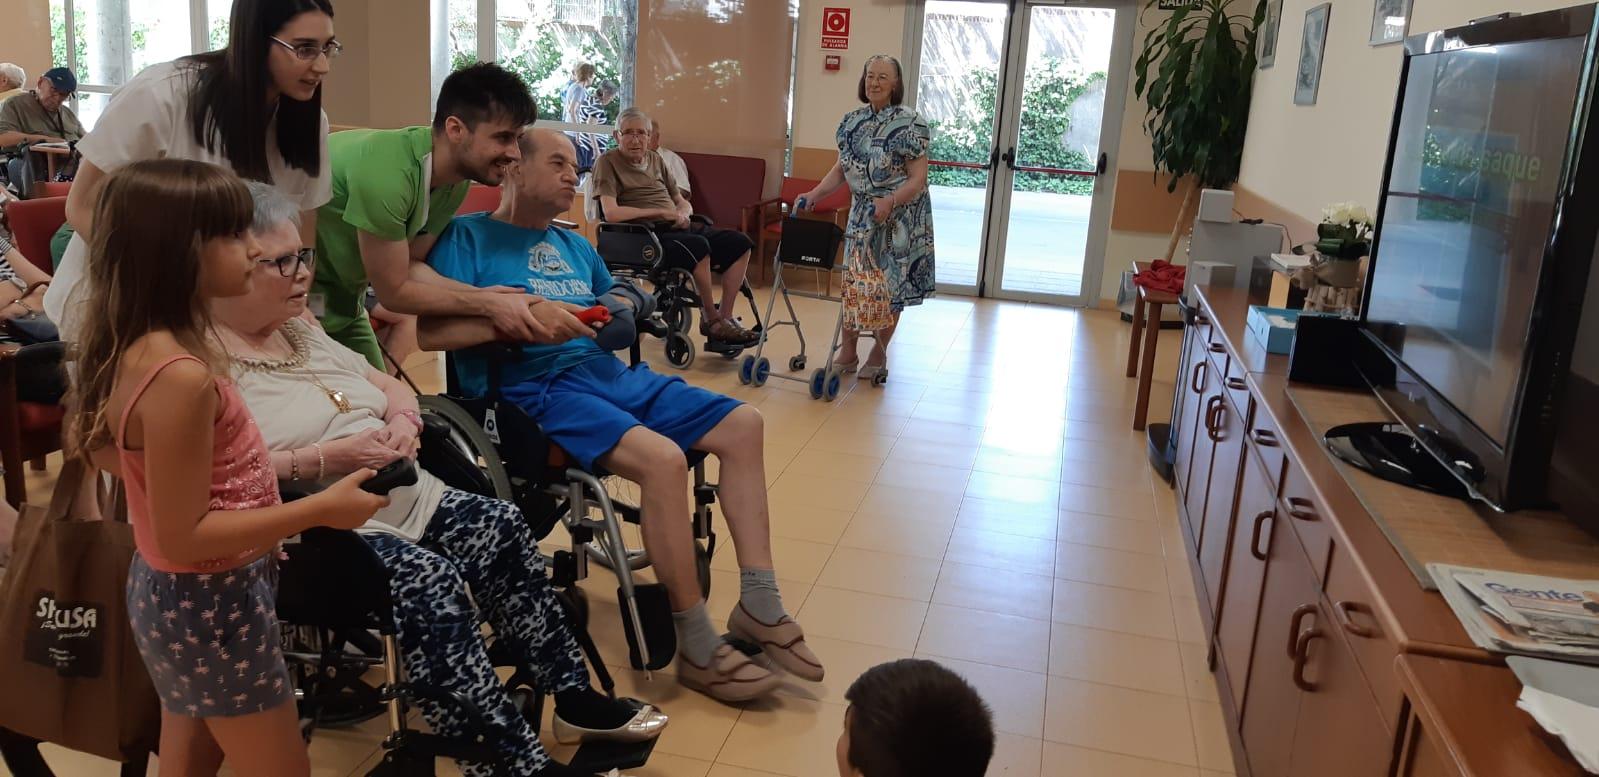 DomusVi Valdemoro encuentro intergeneracional aniversario (4)